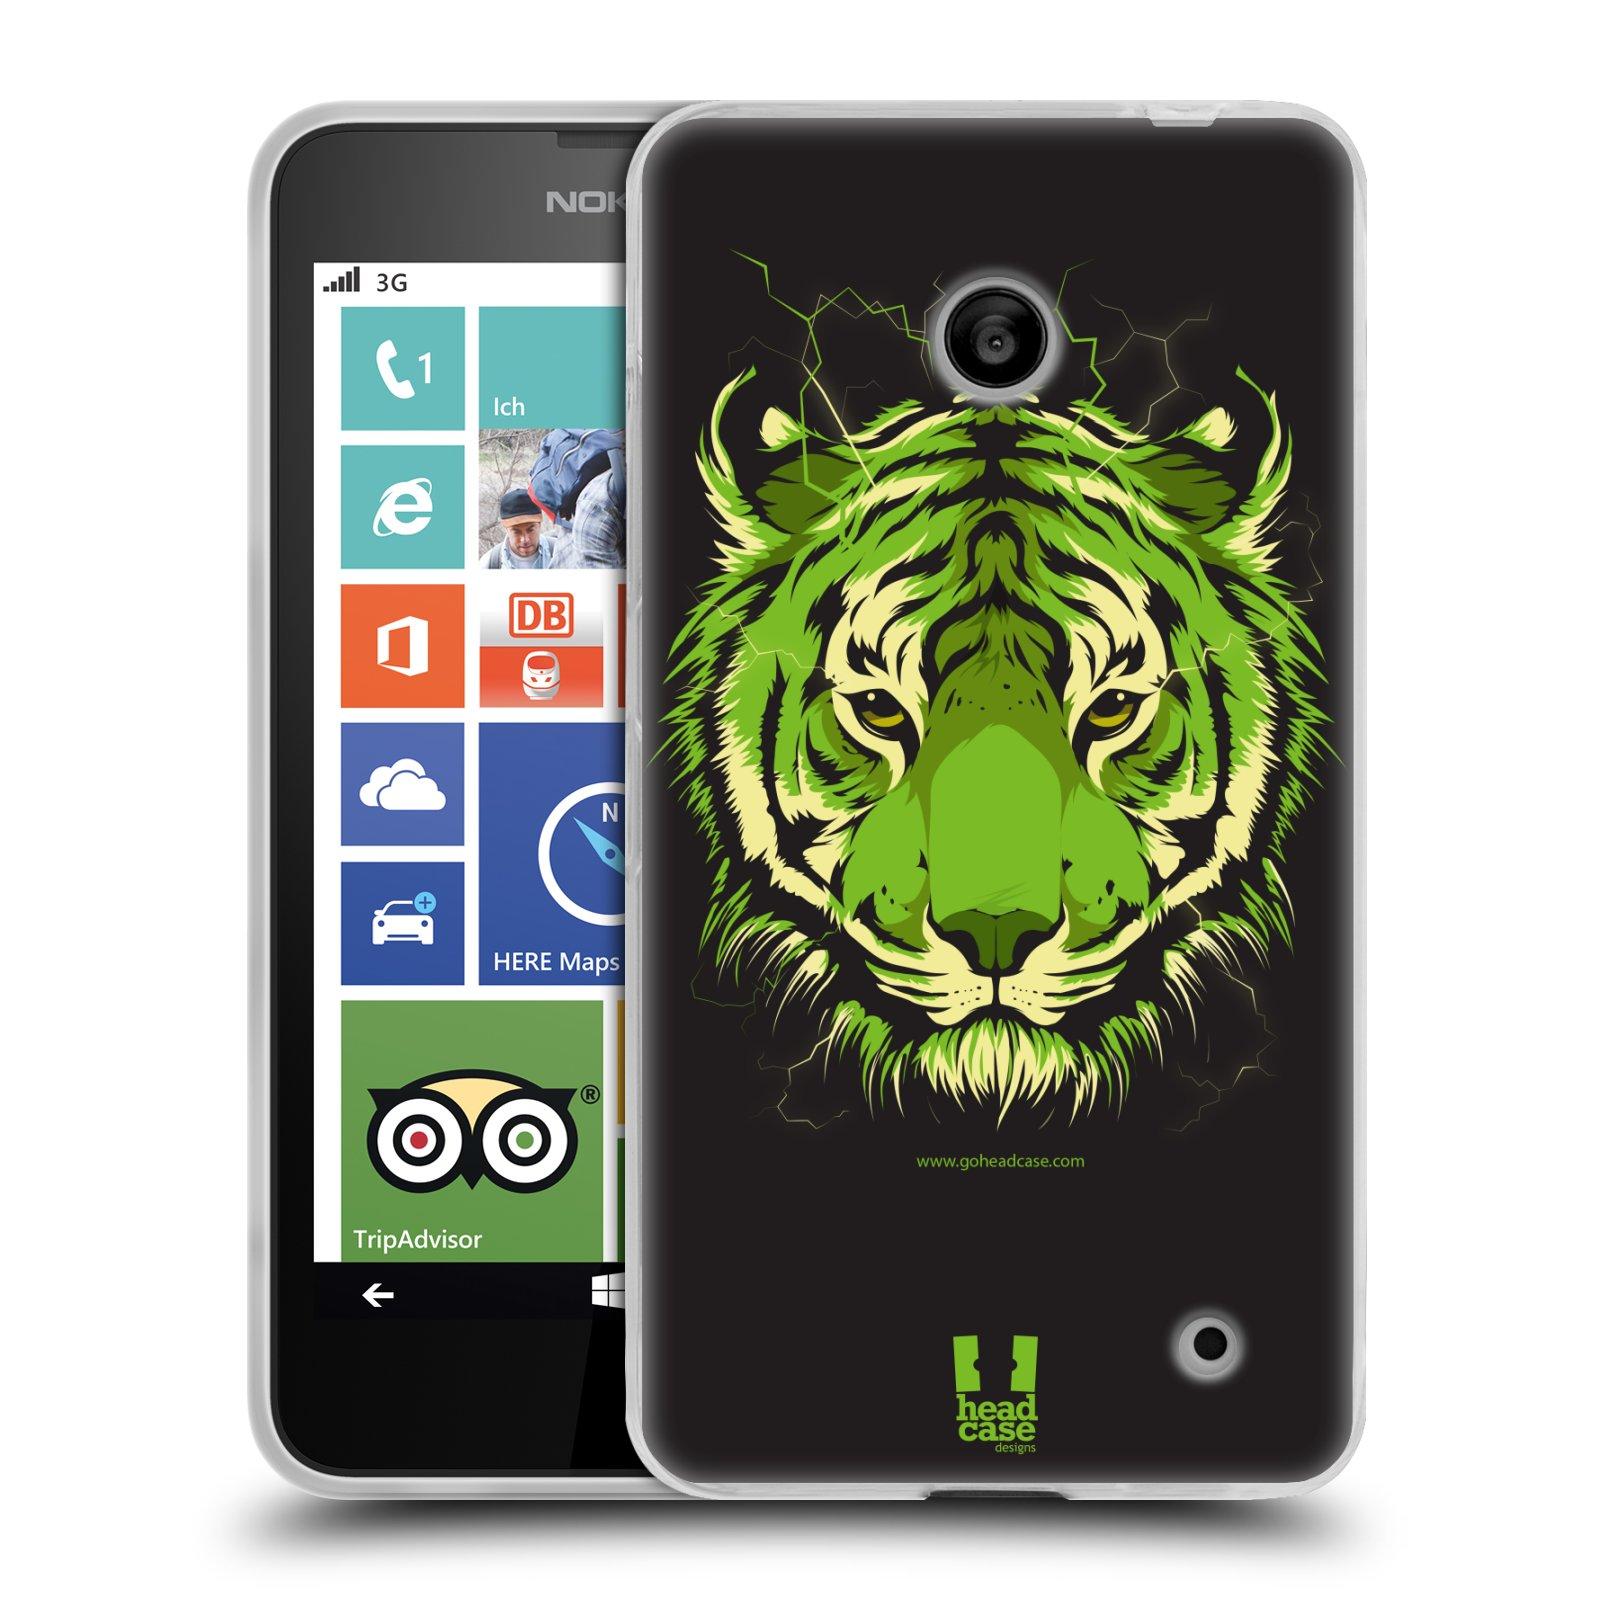 Silikonové pouzdro na mobil Nokia Lumia 630 HEAD CASE BENGÁLSKÝ TYGR (Silikonový kryt či obal na mobilní telefon Nokia Lumia 630 a Nokia Lumia 630 Dual SIM)